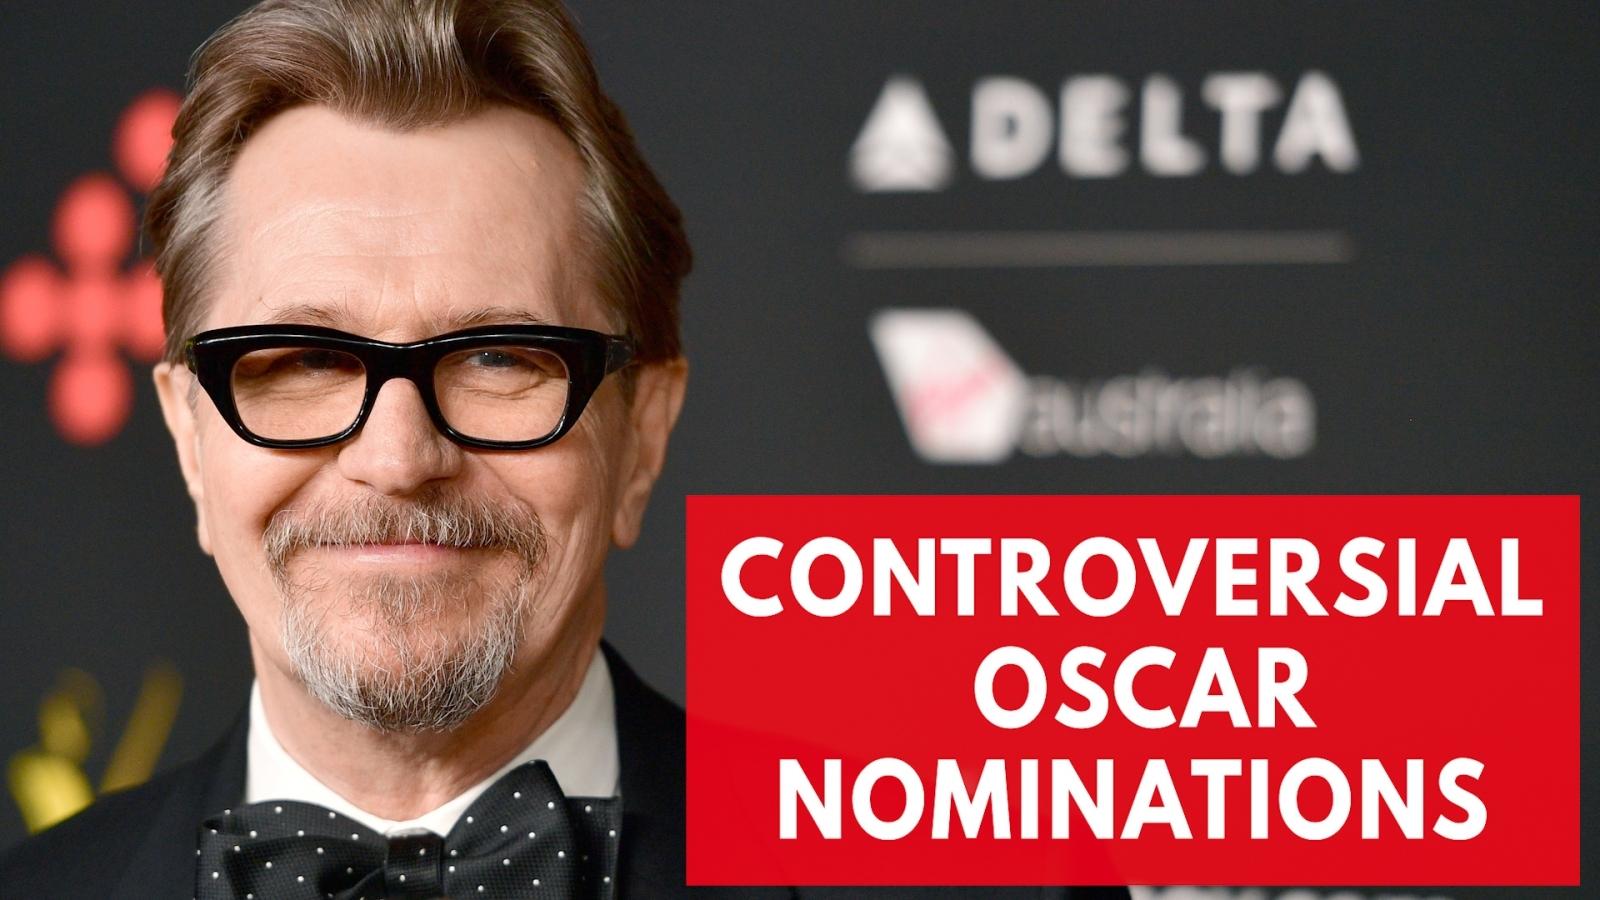 Controversial Oscar nominations